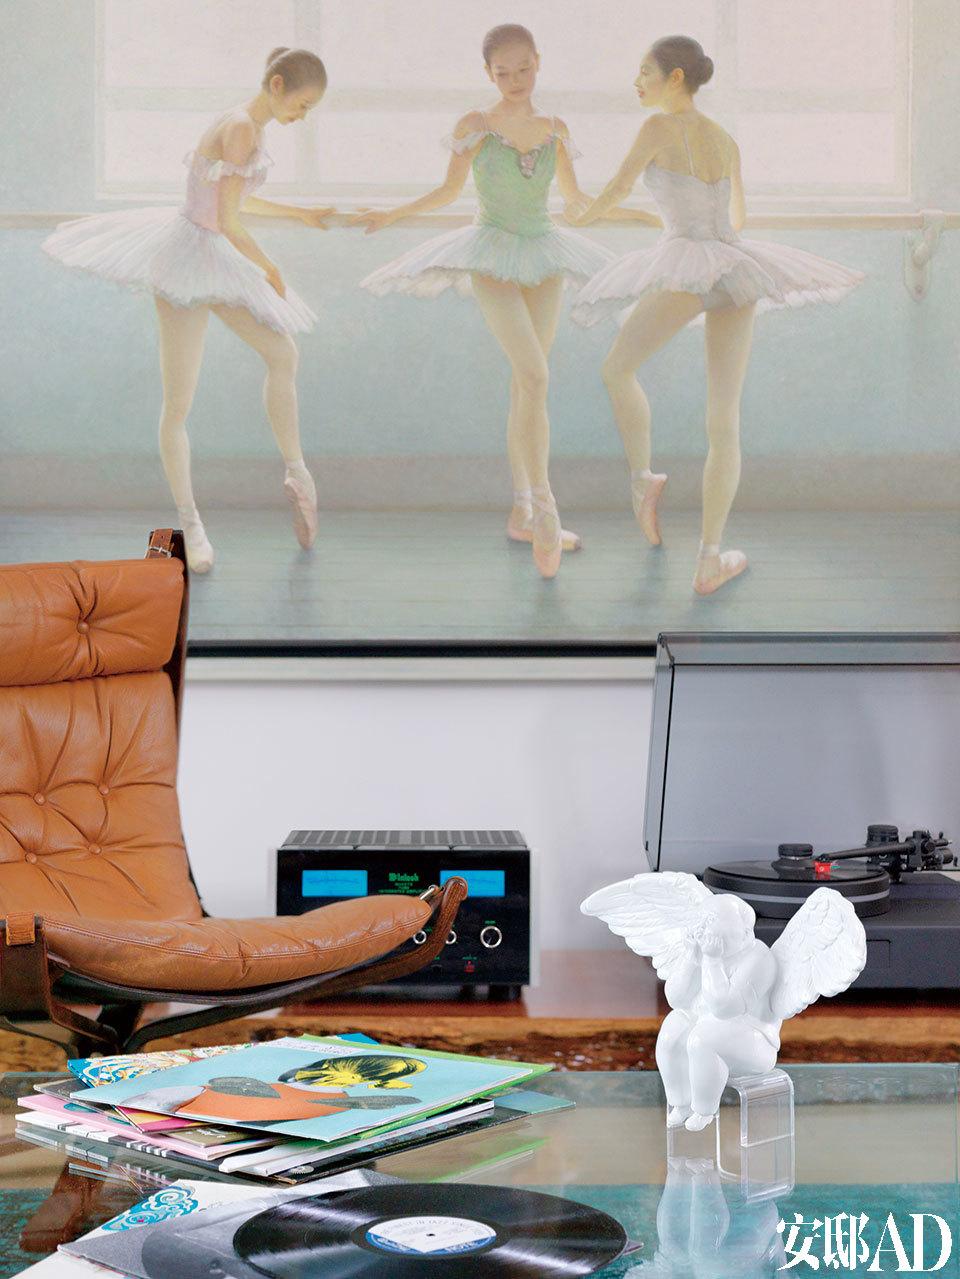 音响上方挂着这幅画, 跳跃的音符令整个空间都生动起来。音乐间的细节。桌上的白色天使摆件是瞿广慈的天使系列作品。